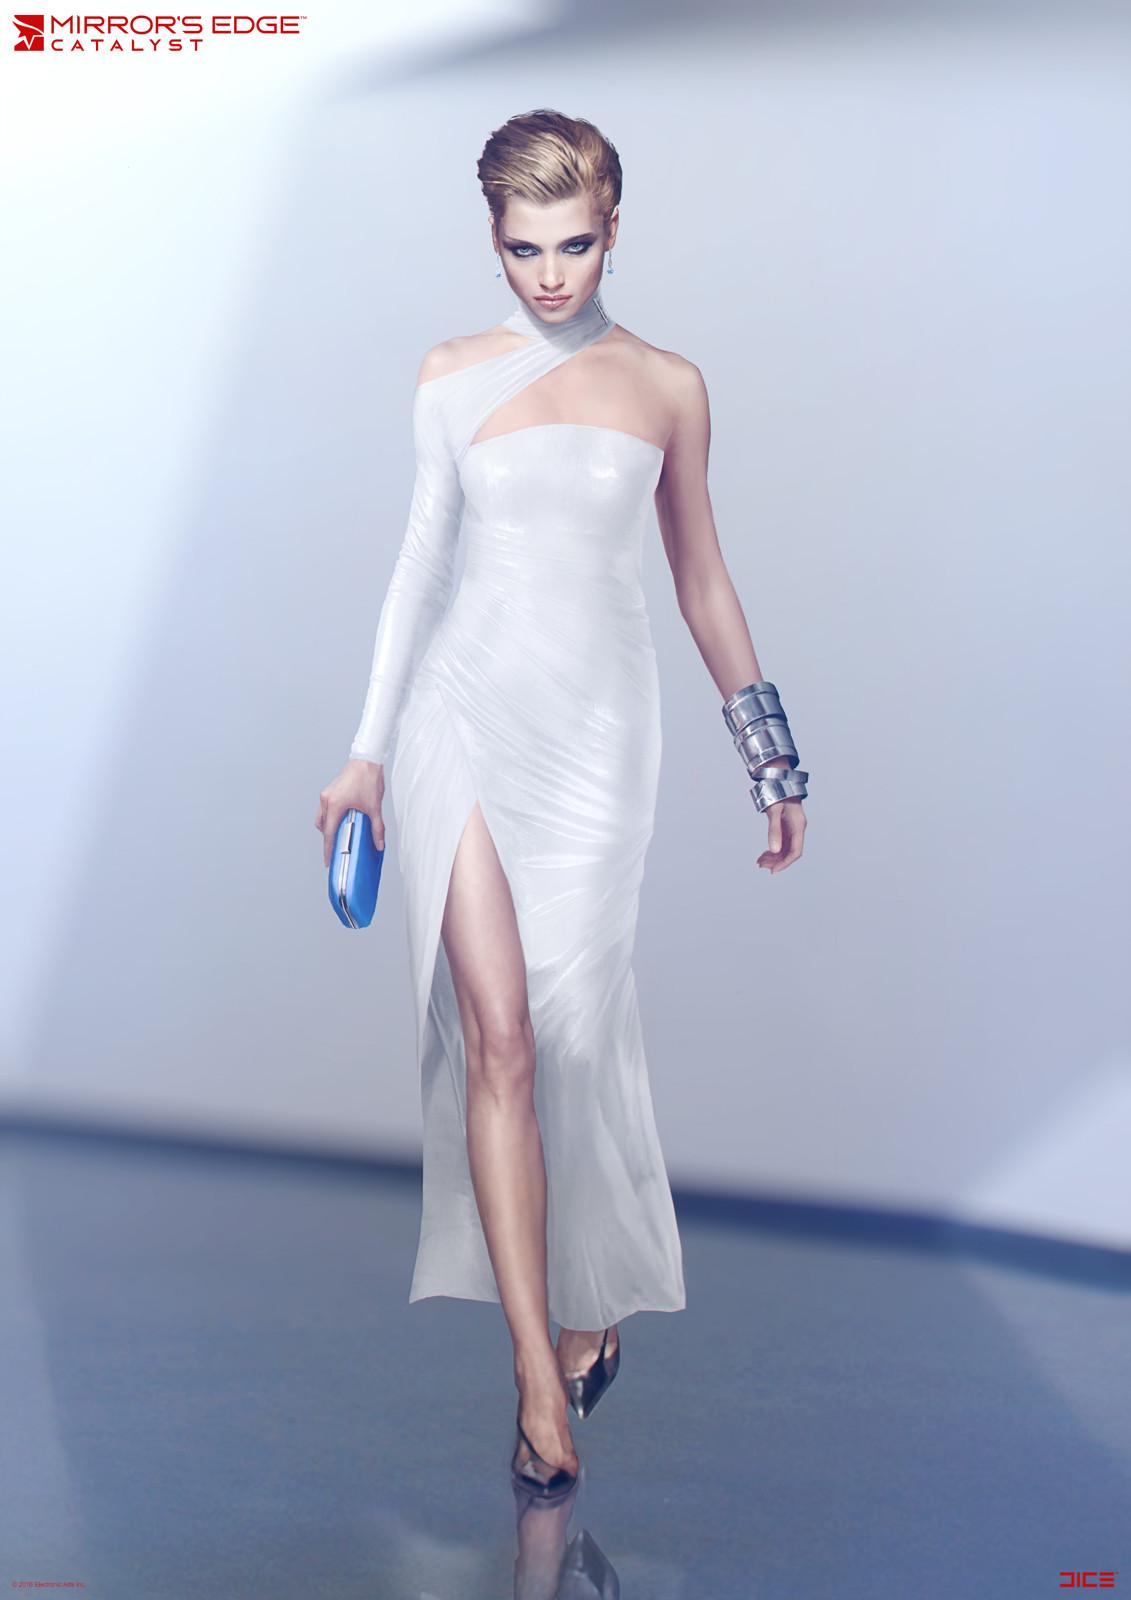 Beatrix Bloch - Character Concept